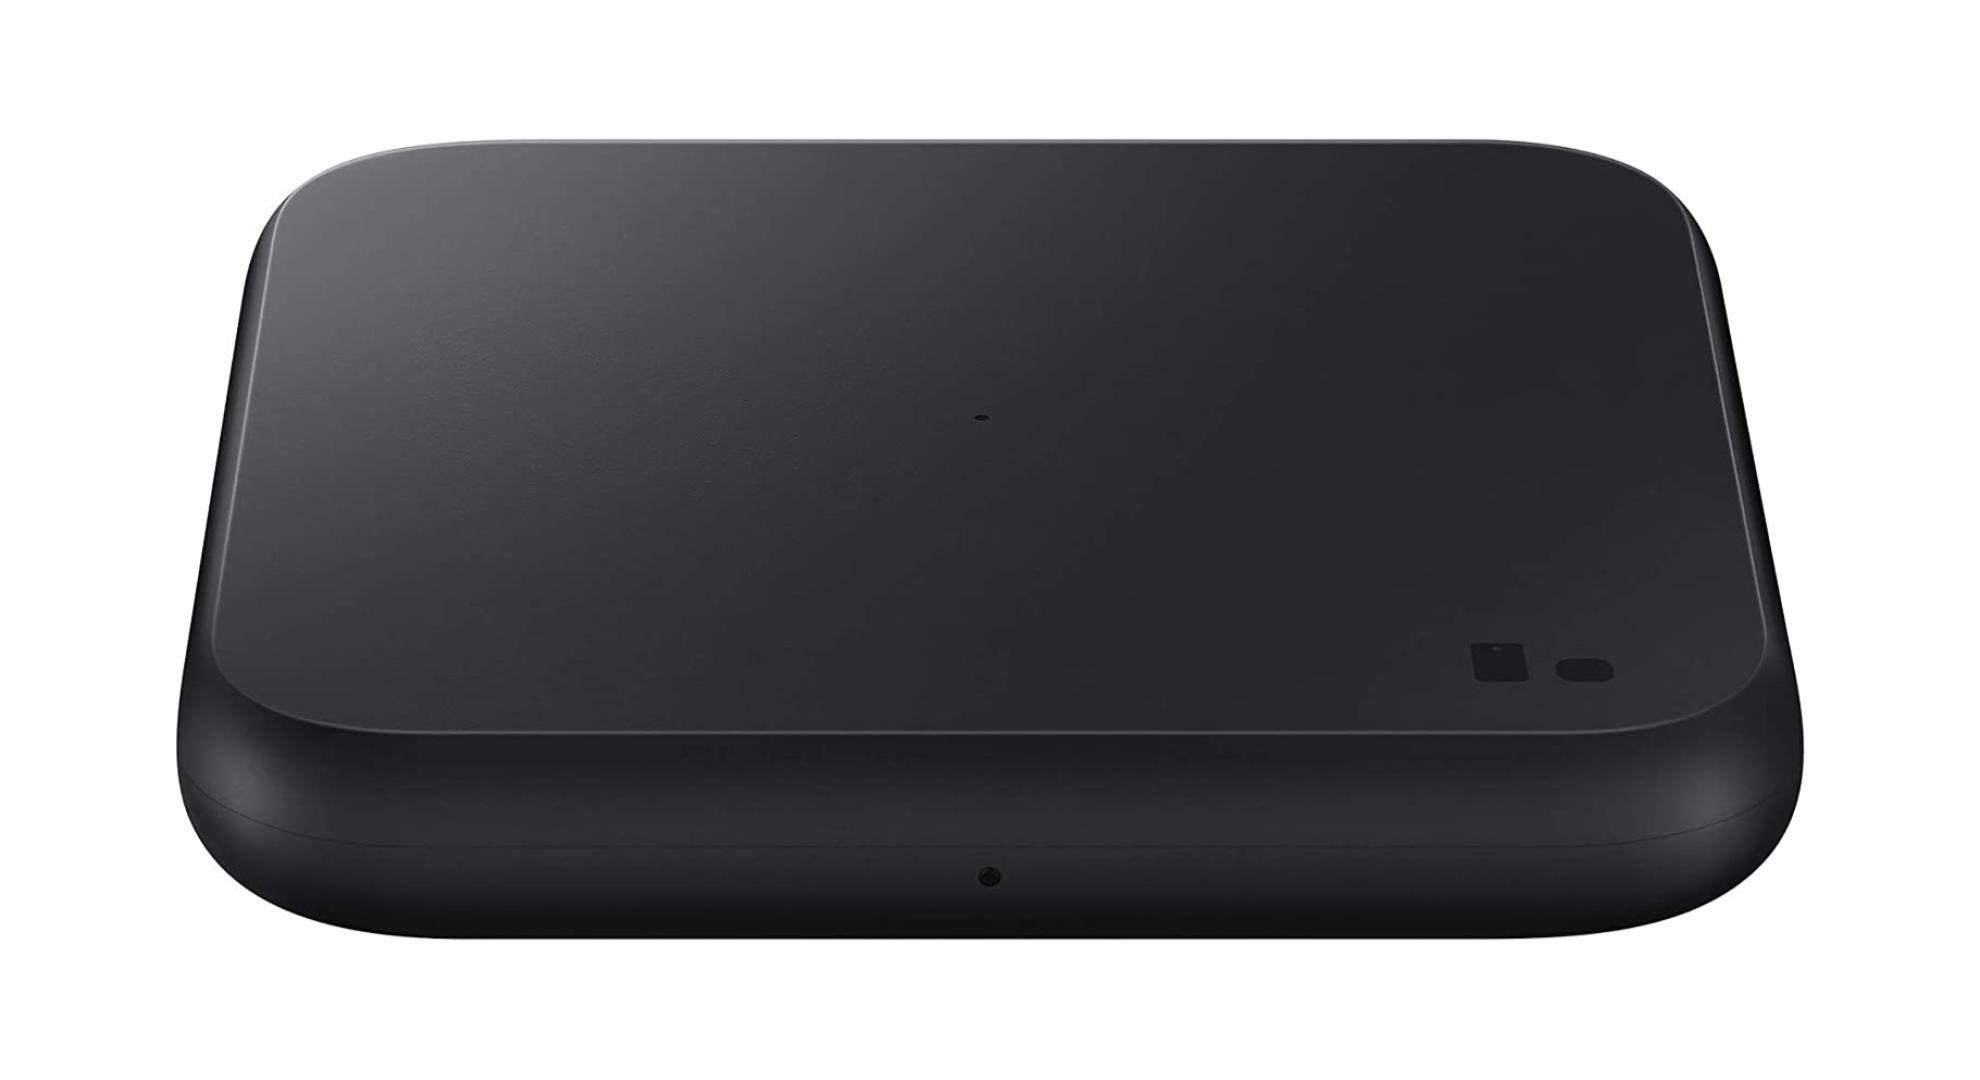 En ce moment, le chargeur sans fil Samsung Pad ne coûte pas plus de 6 €